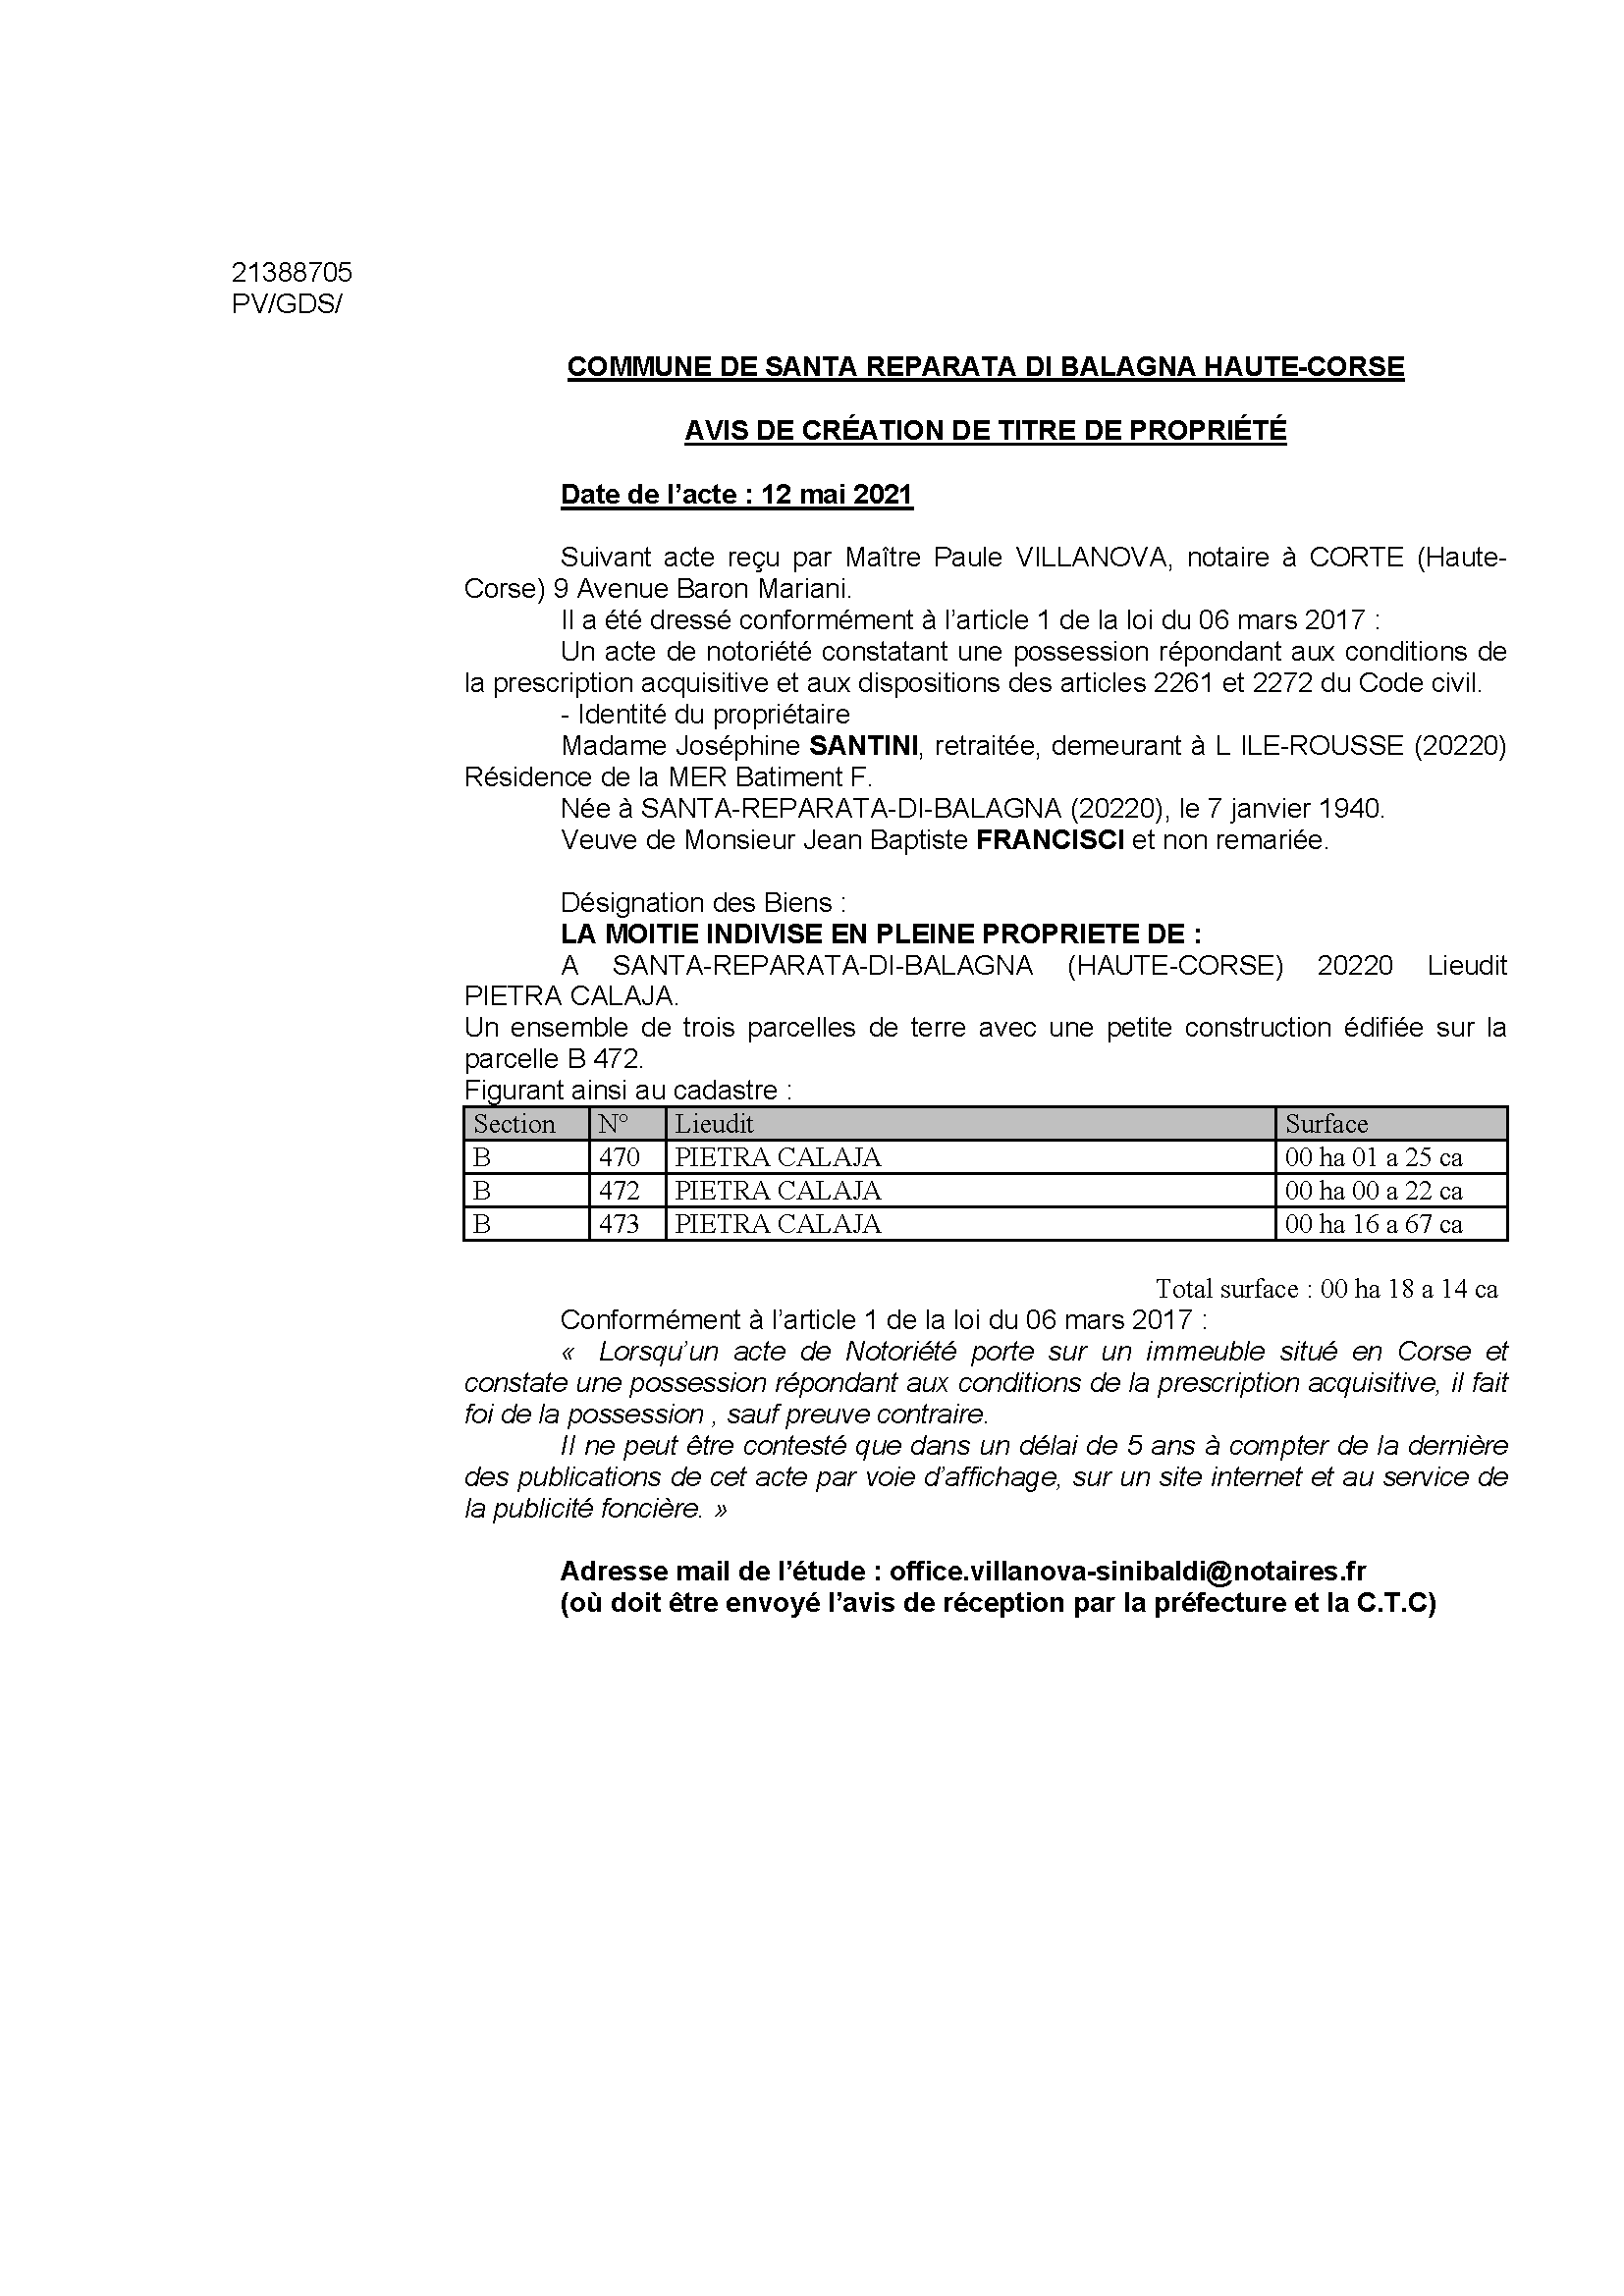 Avis de création de titre de propriété - Commune de Santa-Reparata-di-Balagna (Haute-Corse)